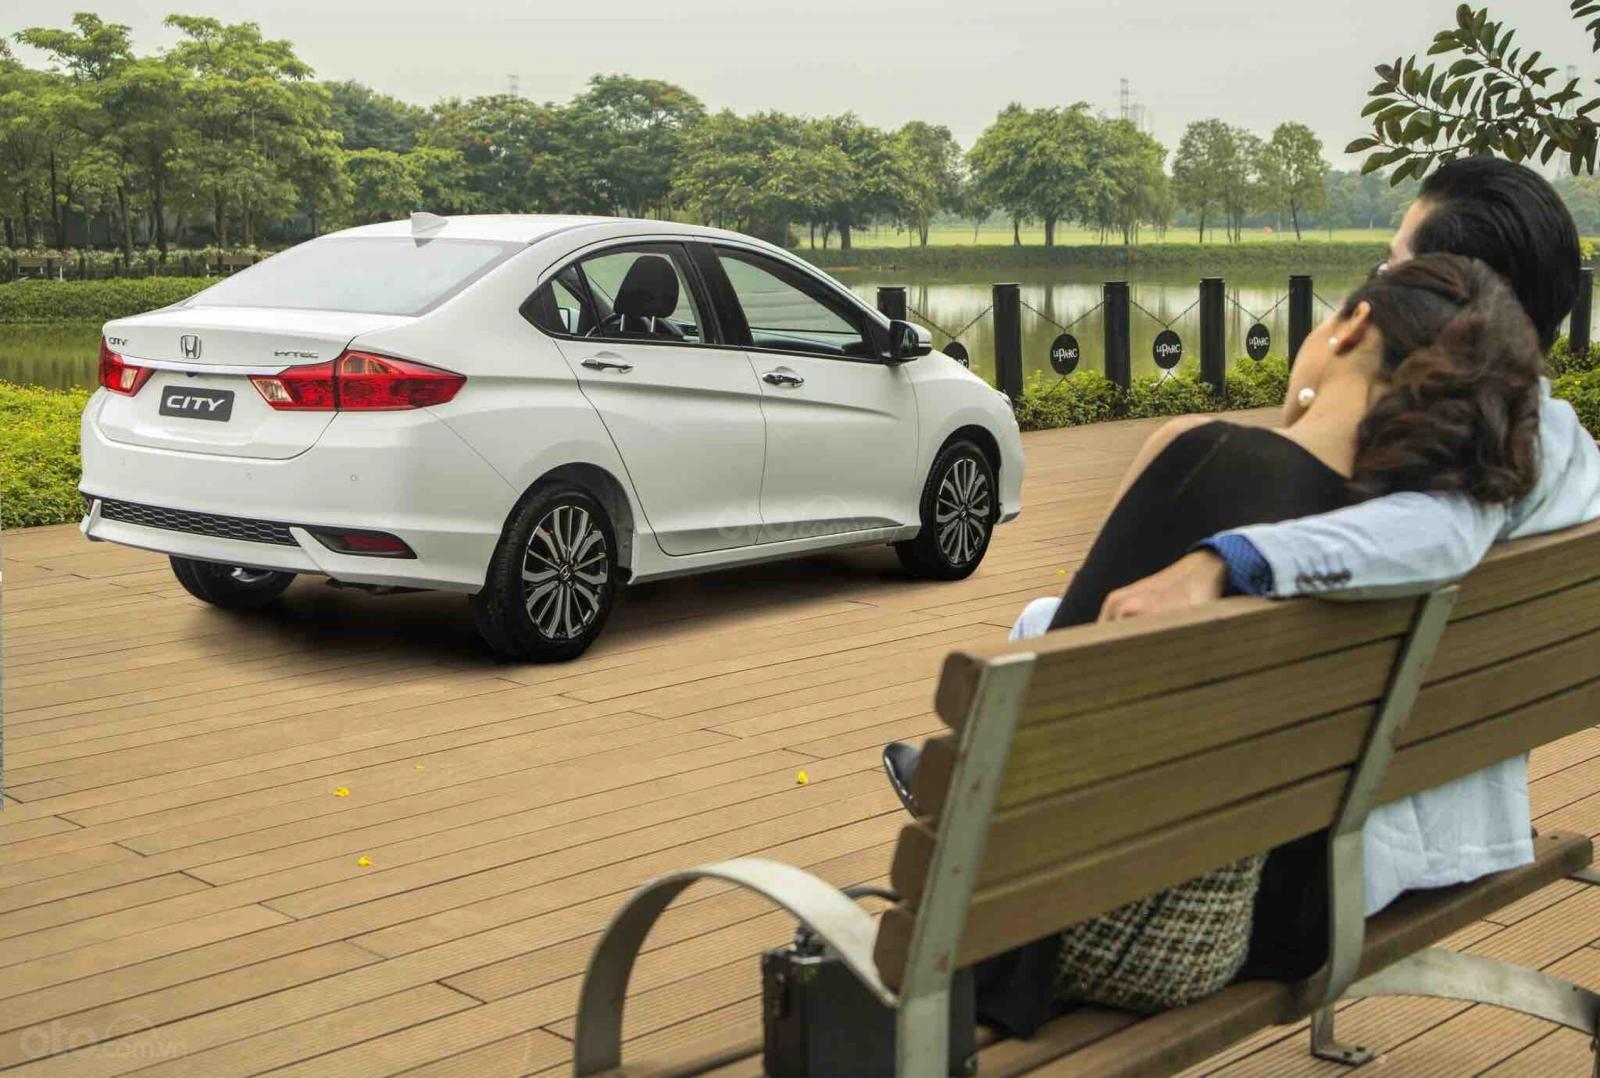 Honda ô tô Hải Phòng - Bán Honda City 2020 ưu đãi lớn, nhiều quà tặng, xe giao ngay. LH: 0933.679.838 Mr Đồng (3)